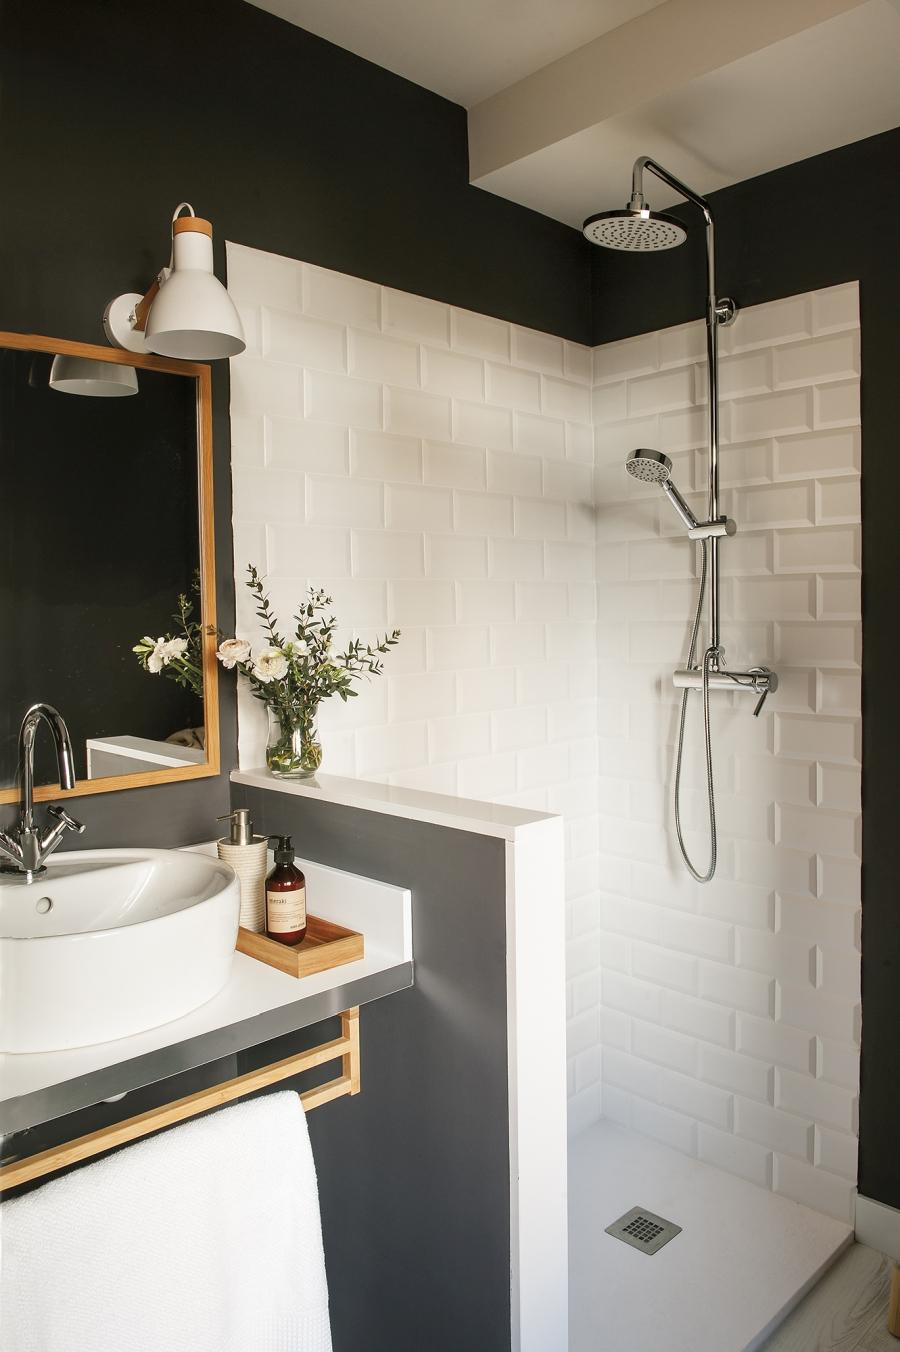 Czerń i biel w przytulnej aranżacji - wystrój wnętrz, wnętrza, urządzanie mieszkania, dom, home decor, dekoracje, aranżacje, minty inspirations, styl skandynawski, scandinavian style, biała wnętrza, małe wnętrza, małe mieszkanie, otwarta przestrzeń, czerń i biel, balck & white, naturalne drewno, naturalne materiały, mała łazienka, białe płytki, ciemny kolor ścian